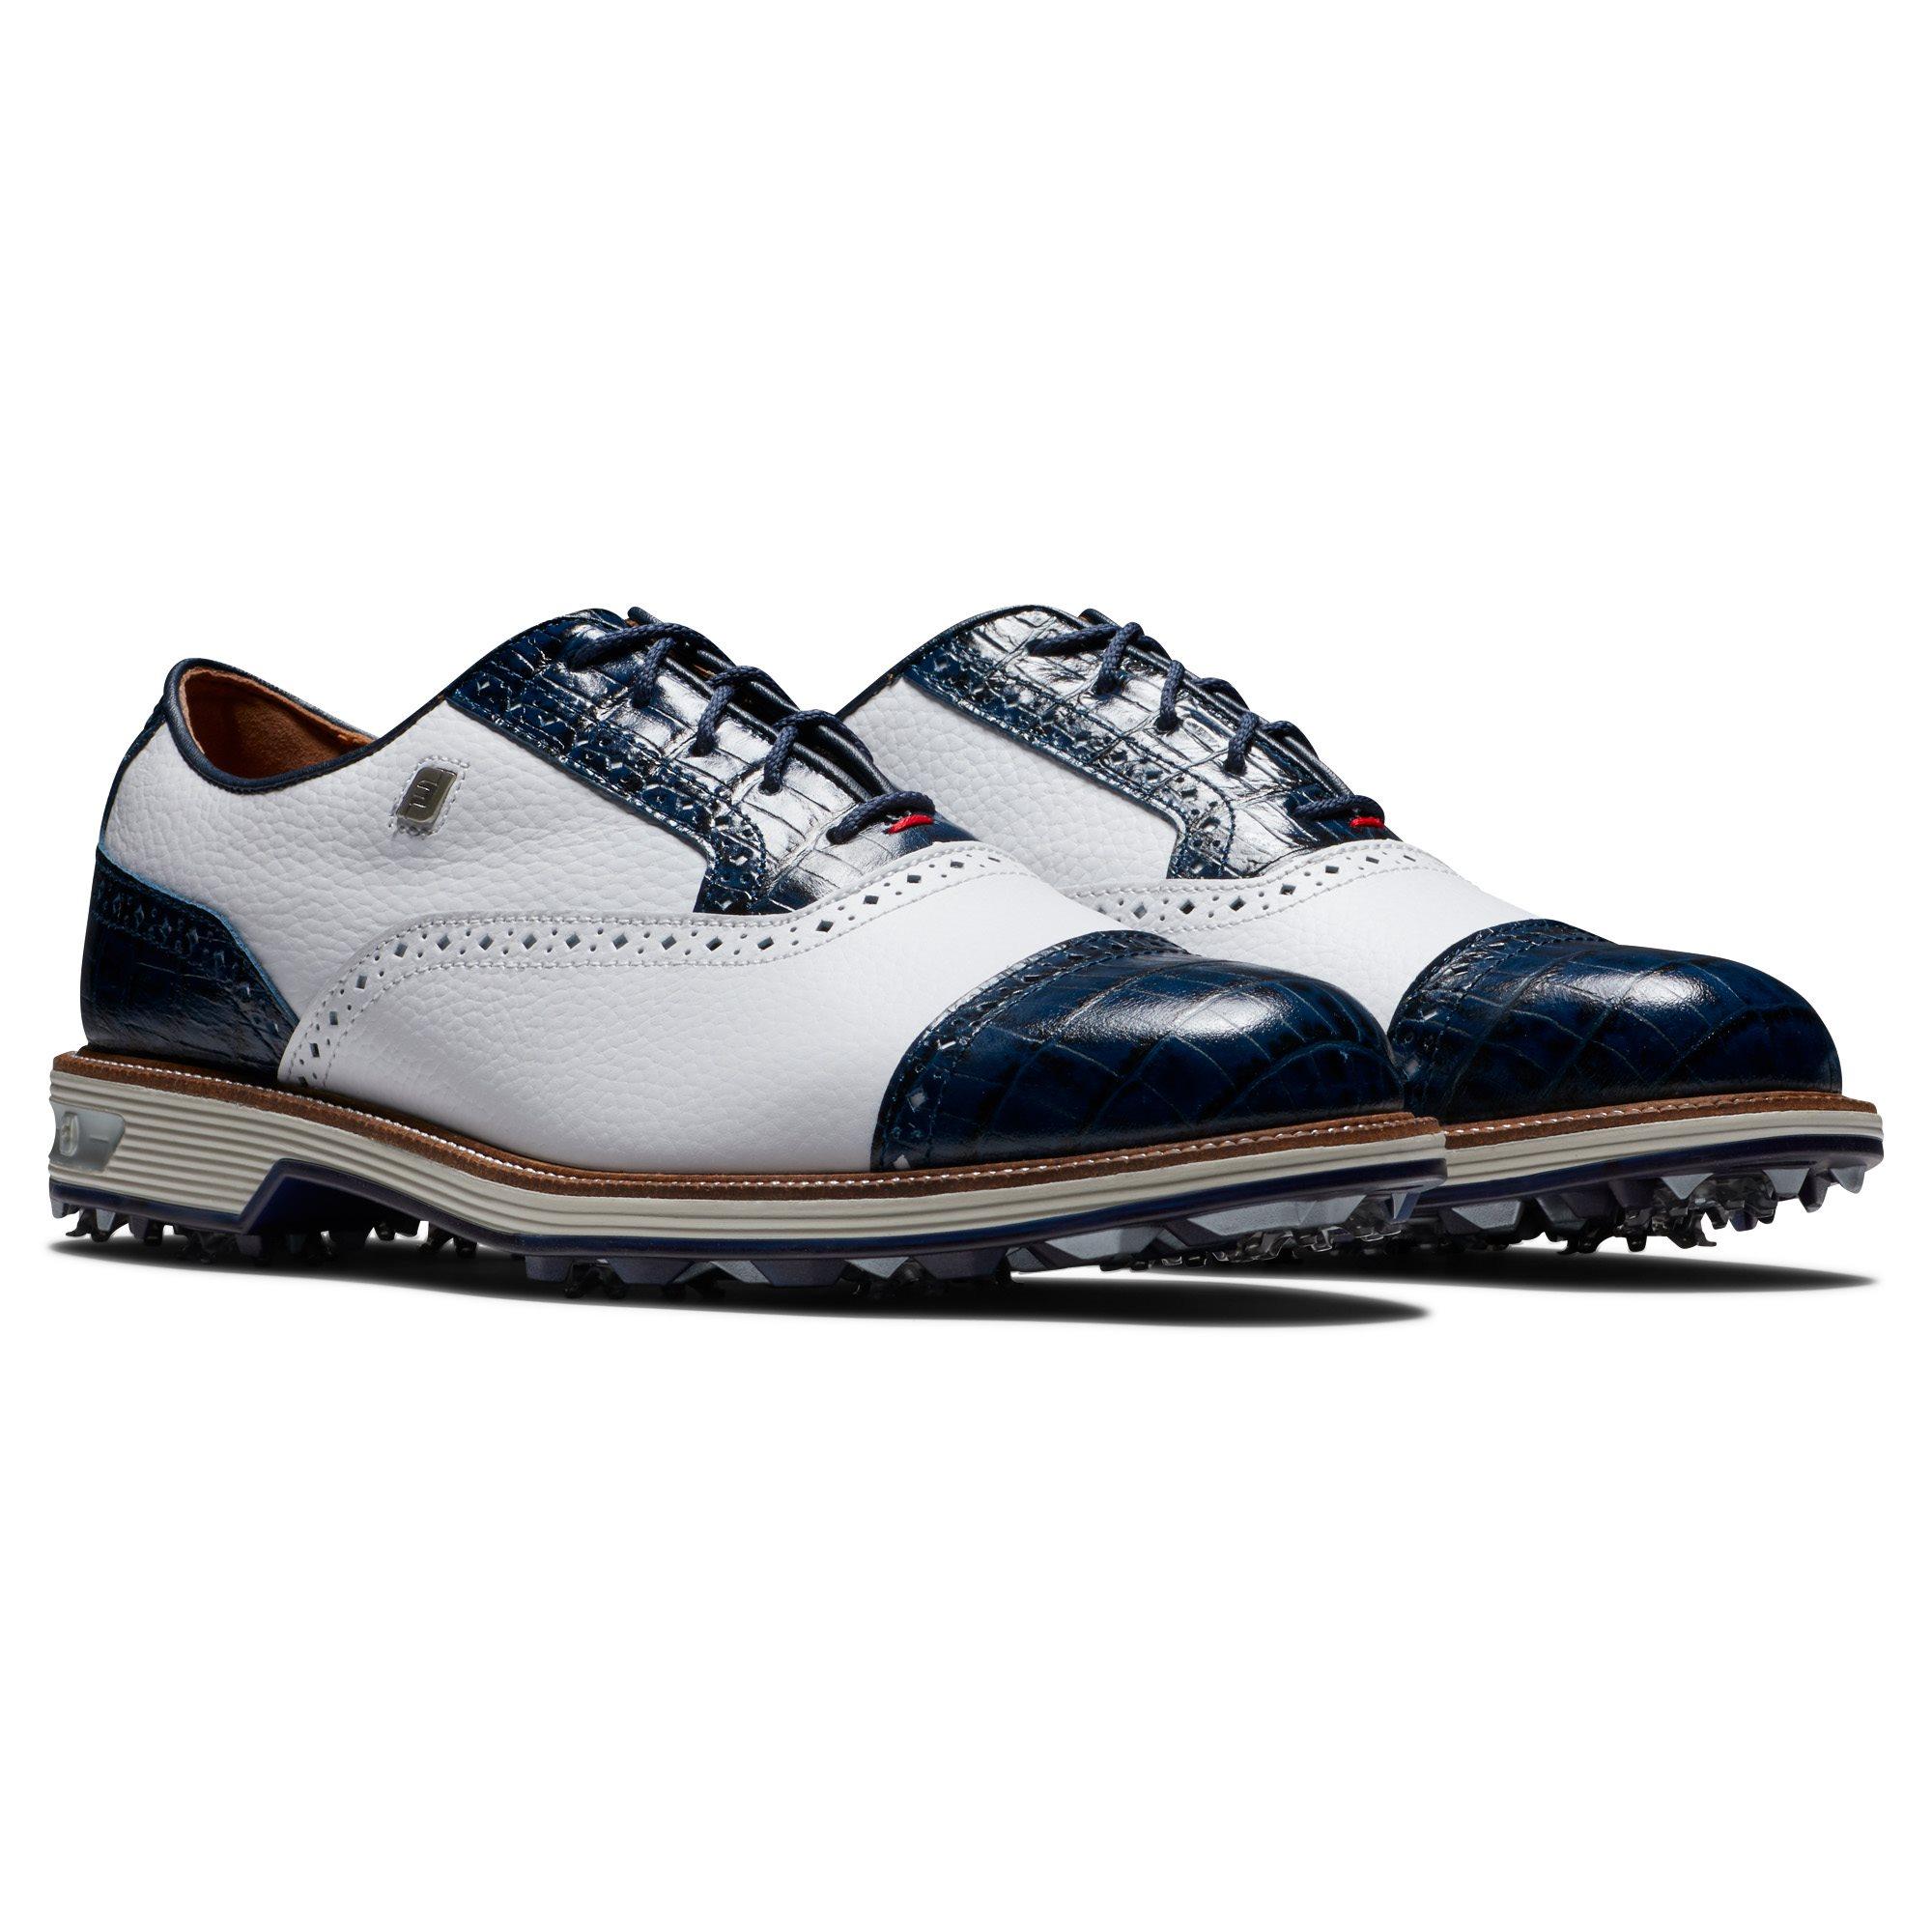 FootJoy heren golfschoenen Premiere Series Tarlow wit-navy